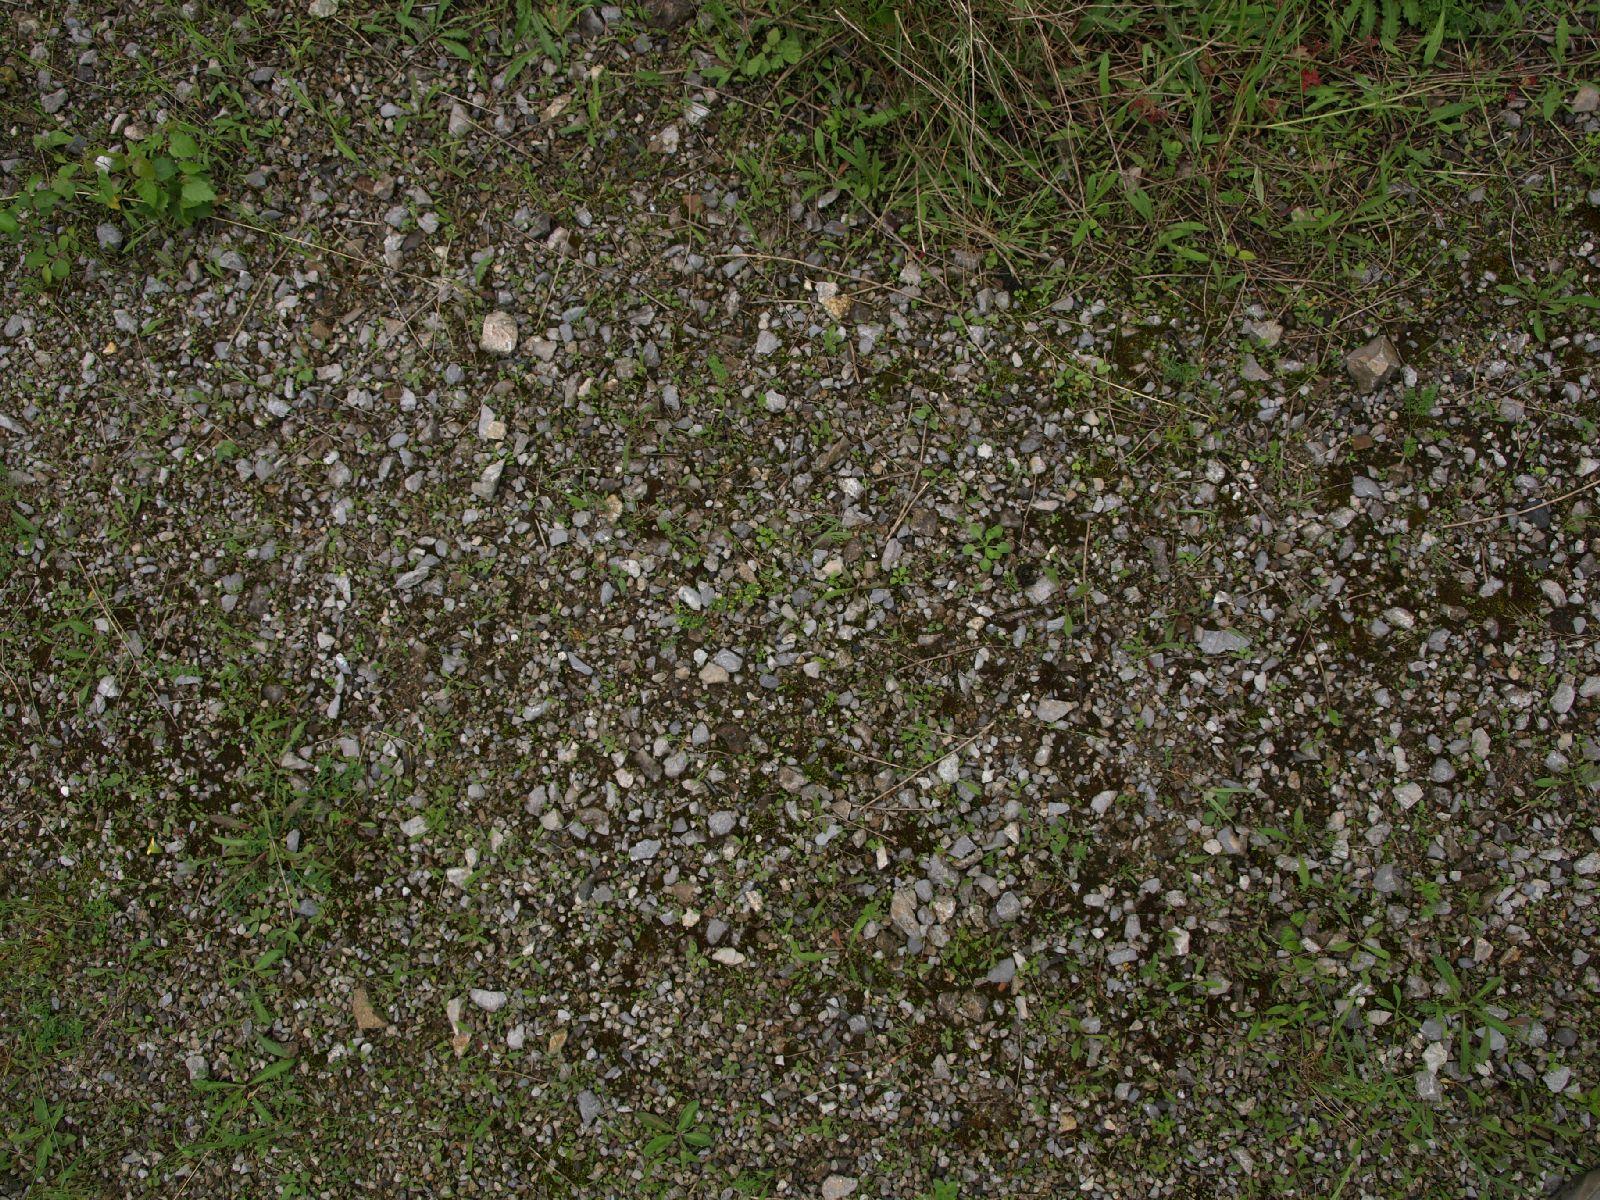 Boden-Gras-Moos-Blumen_Textur_A_P6083296